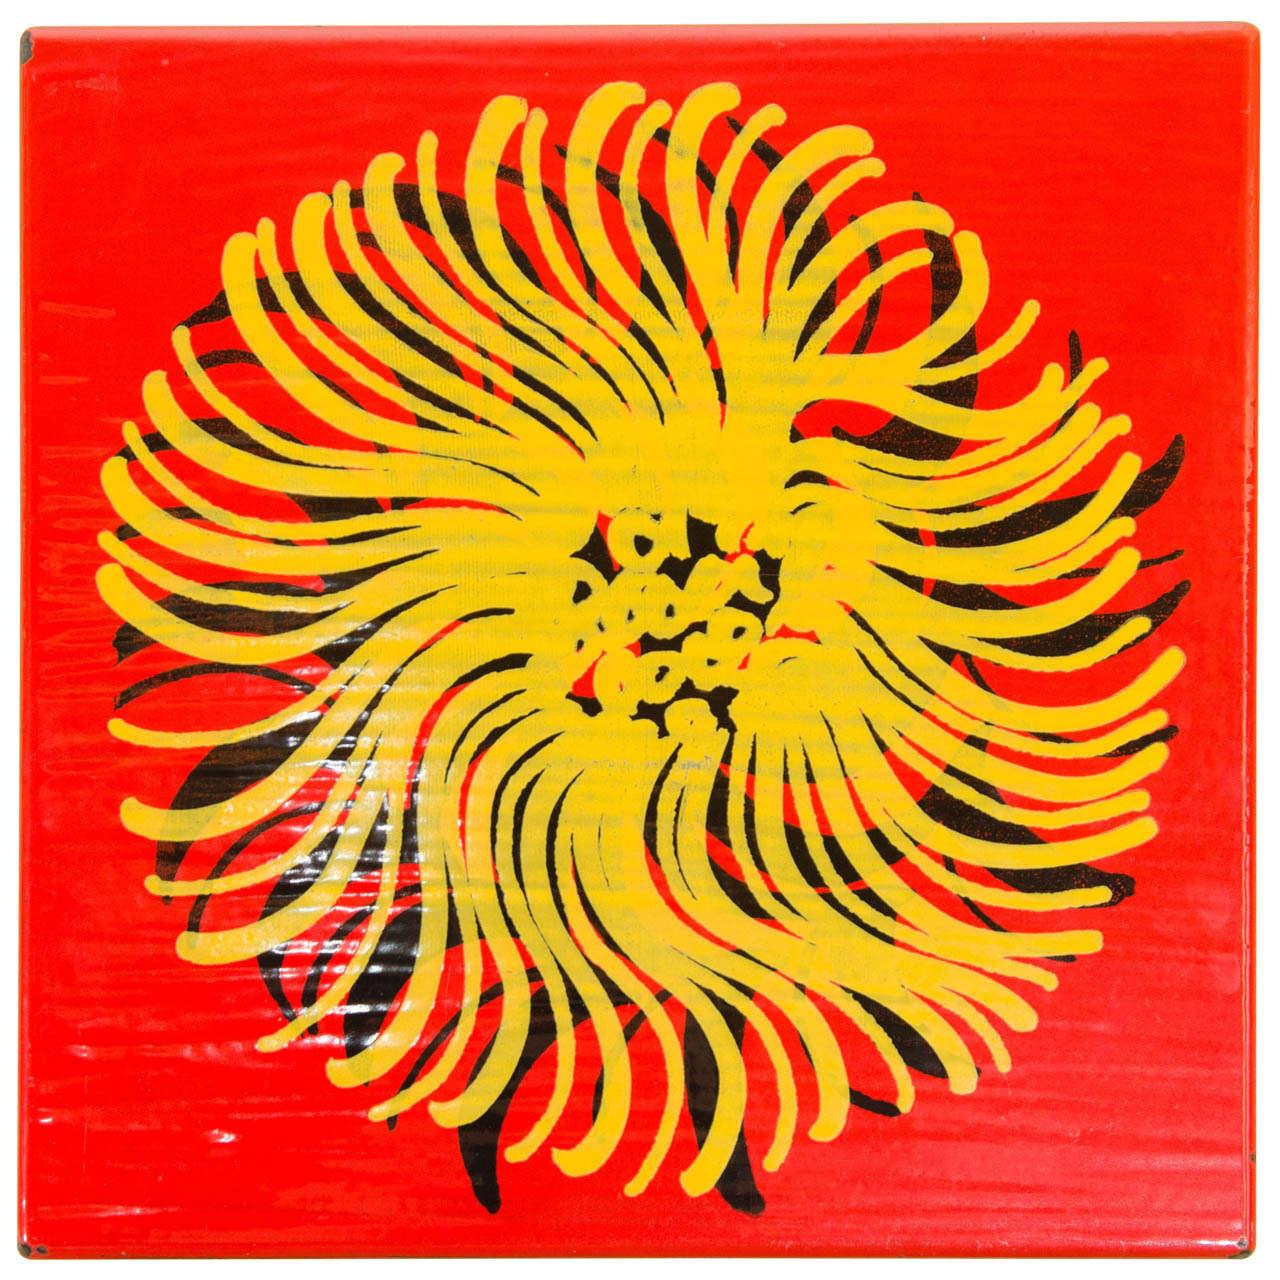 Chaim Gross Enamel \'Peace\' Art For Sale at 1stdibs